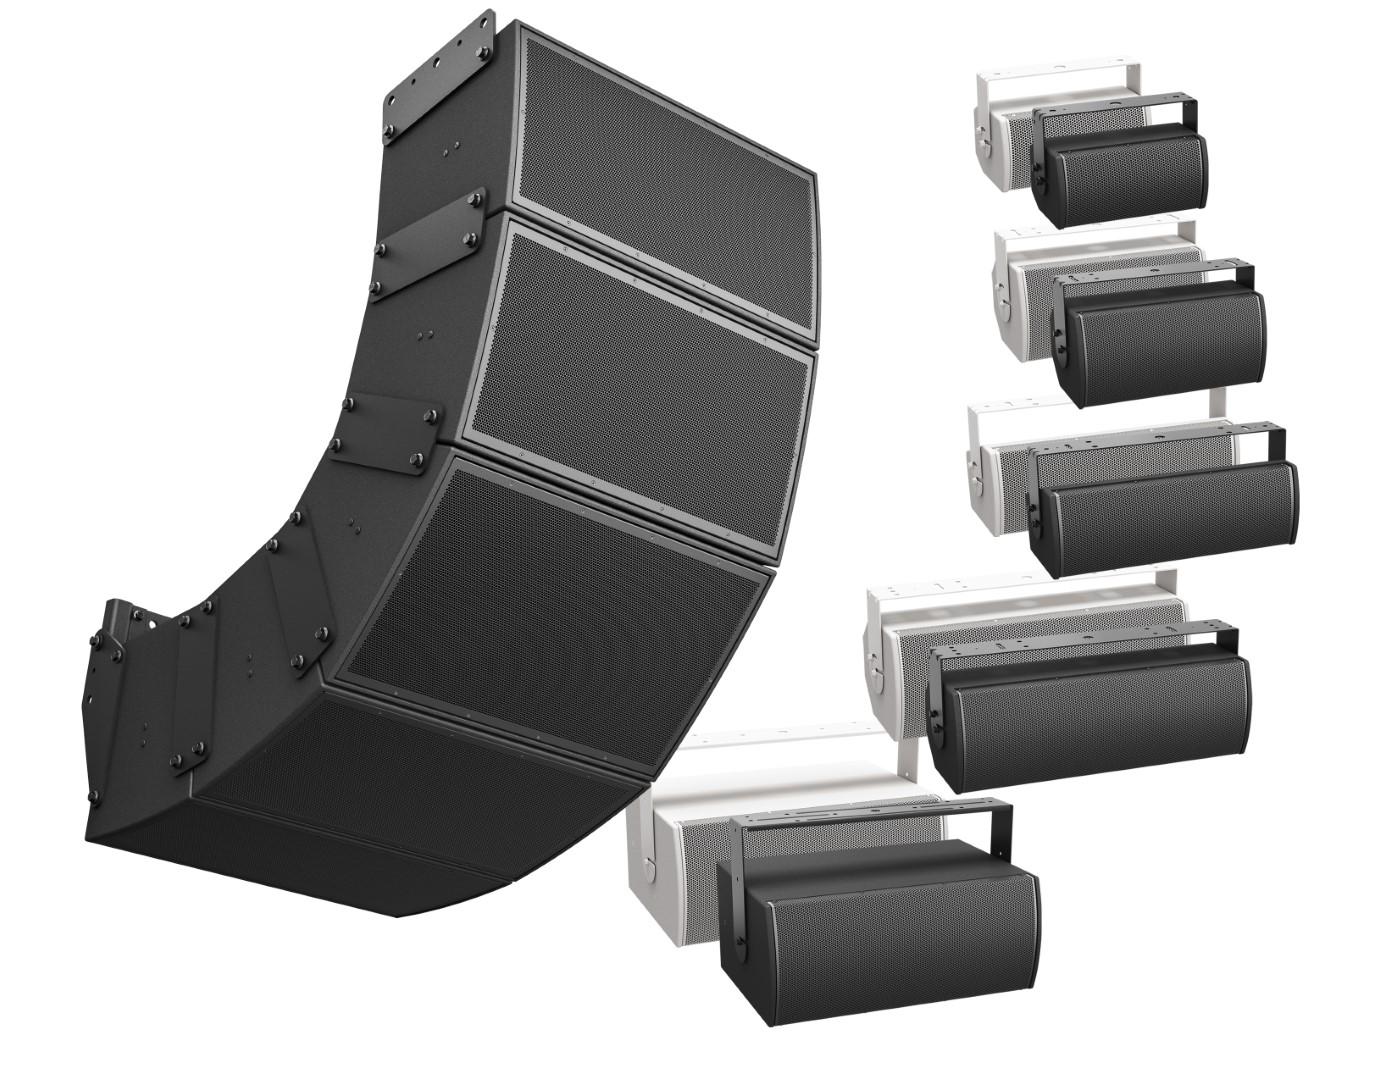 Nuevos altavoces BOSE ArenaMatch para instalaciones en exteriores